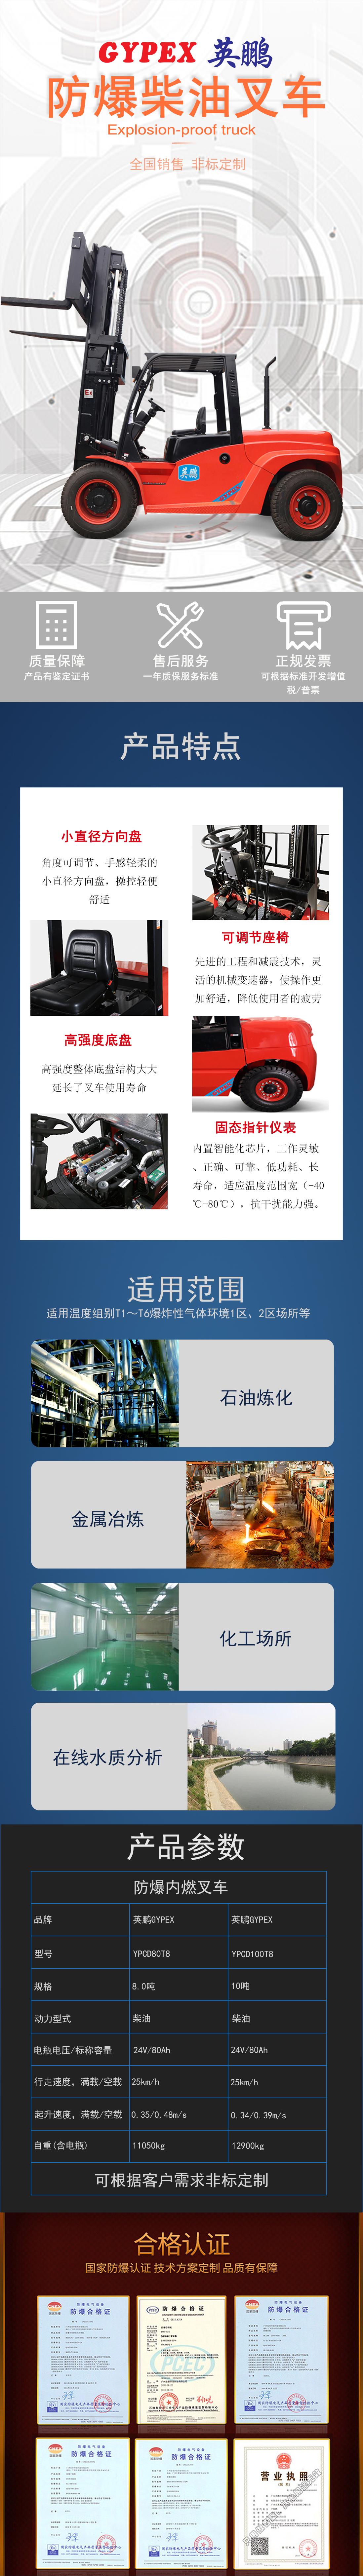 YPCD80 100T8詳情圖.jpg